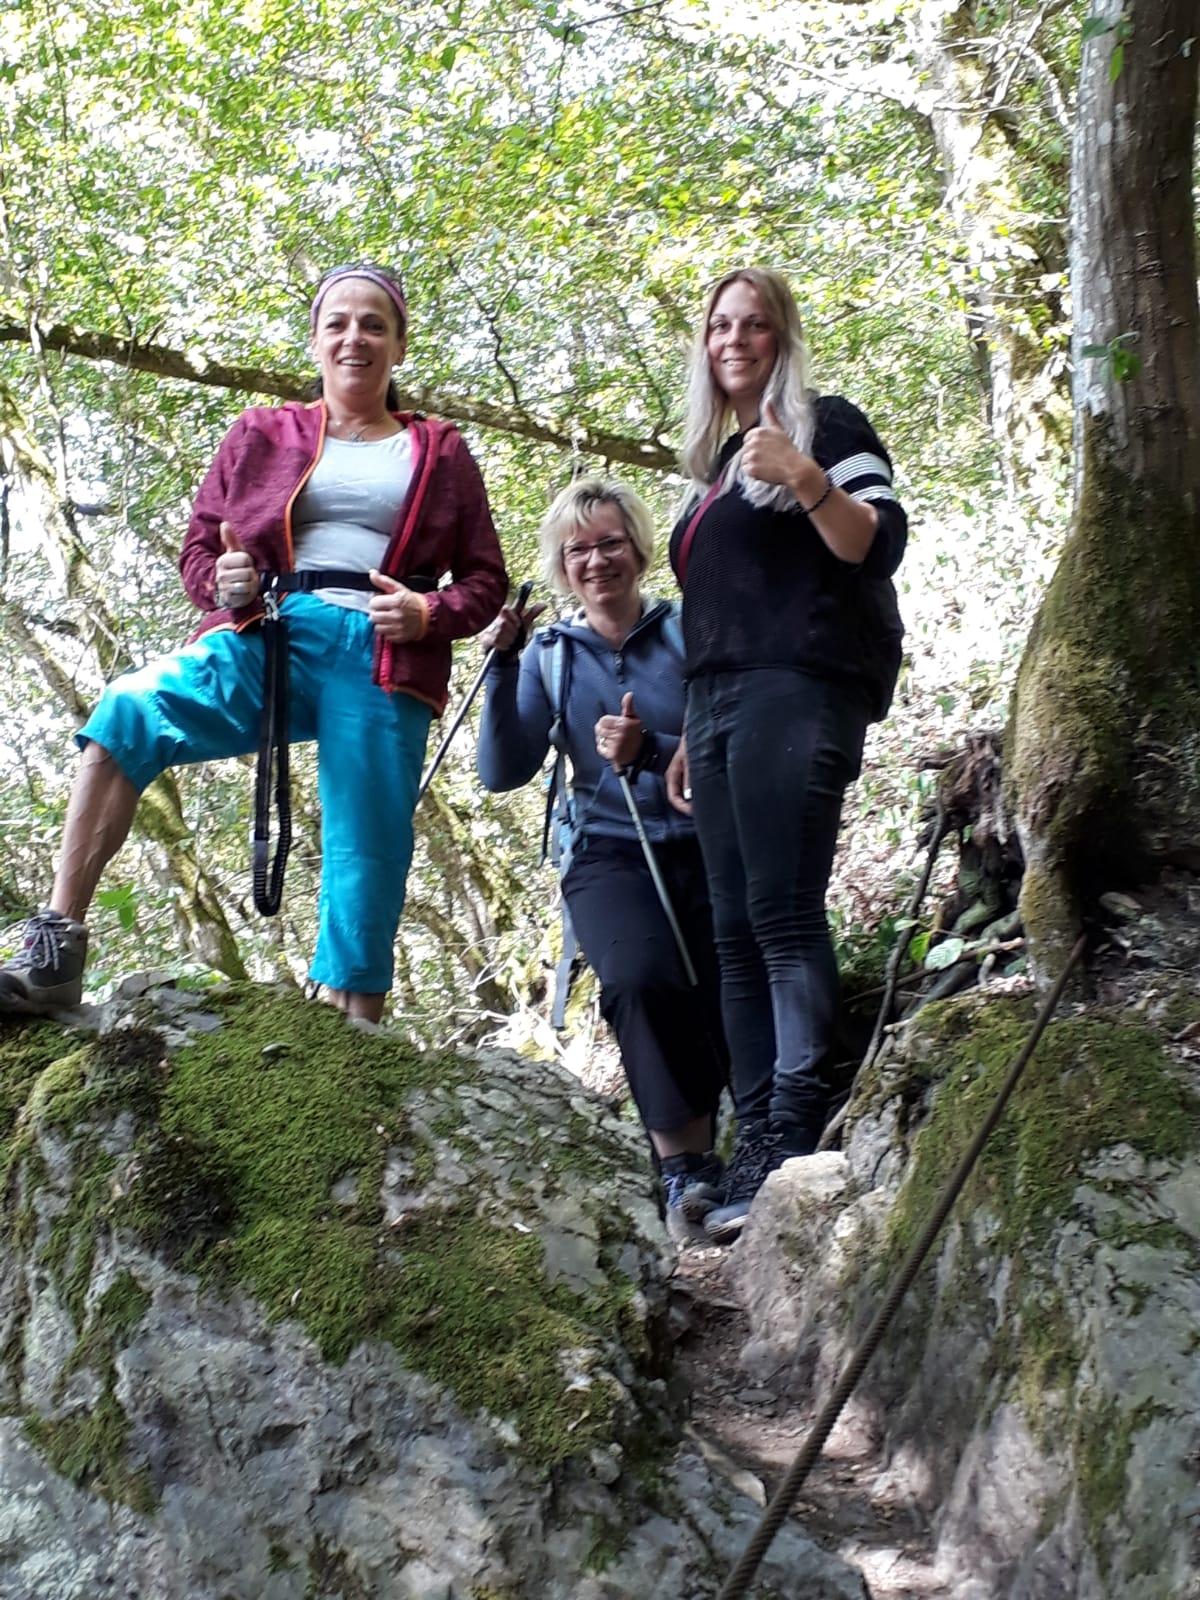 Wunderschöner Wanderweg bei bestem Wanderwetter erlebt Viele Grüße Conny, Michelle, Alexandra mit Markus und Thomas 07.07.2019 11:31 Uhr